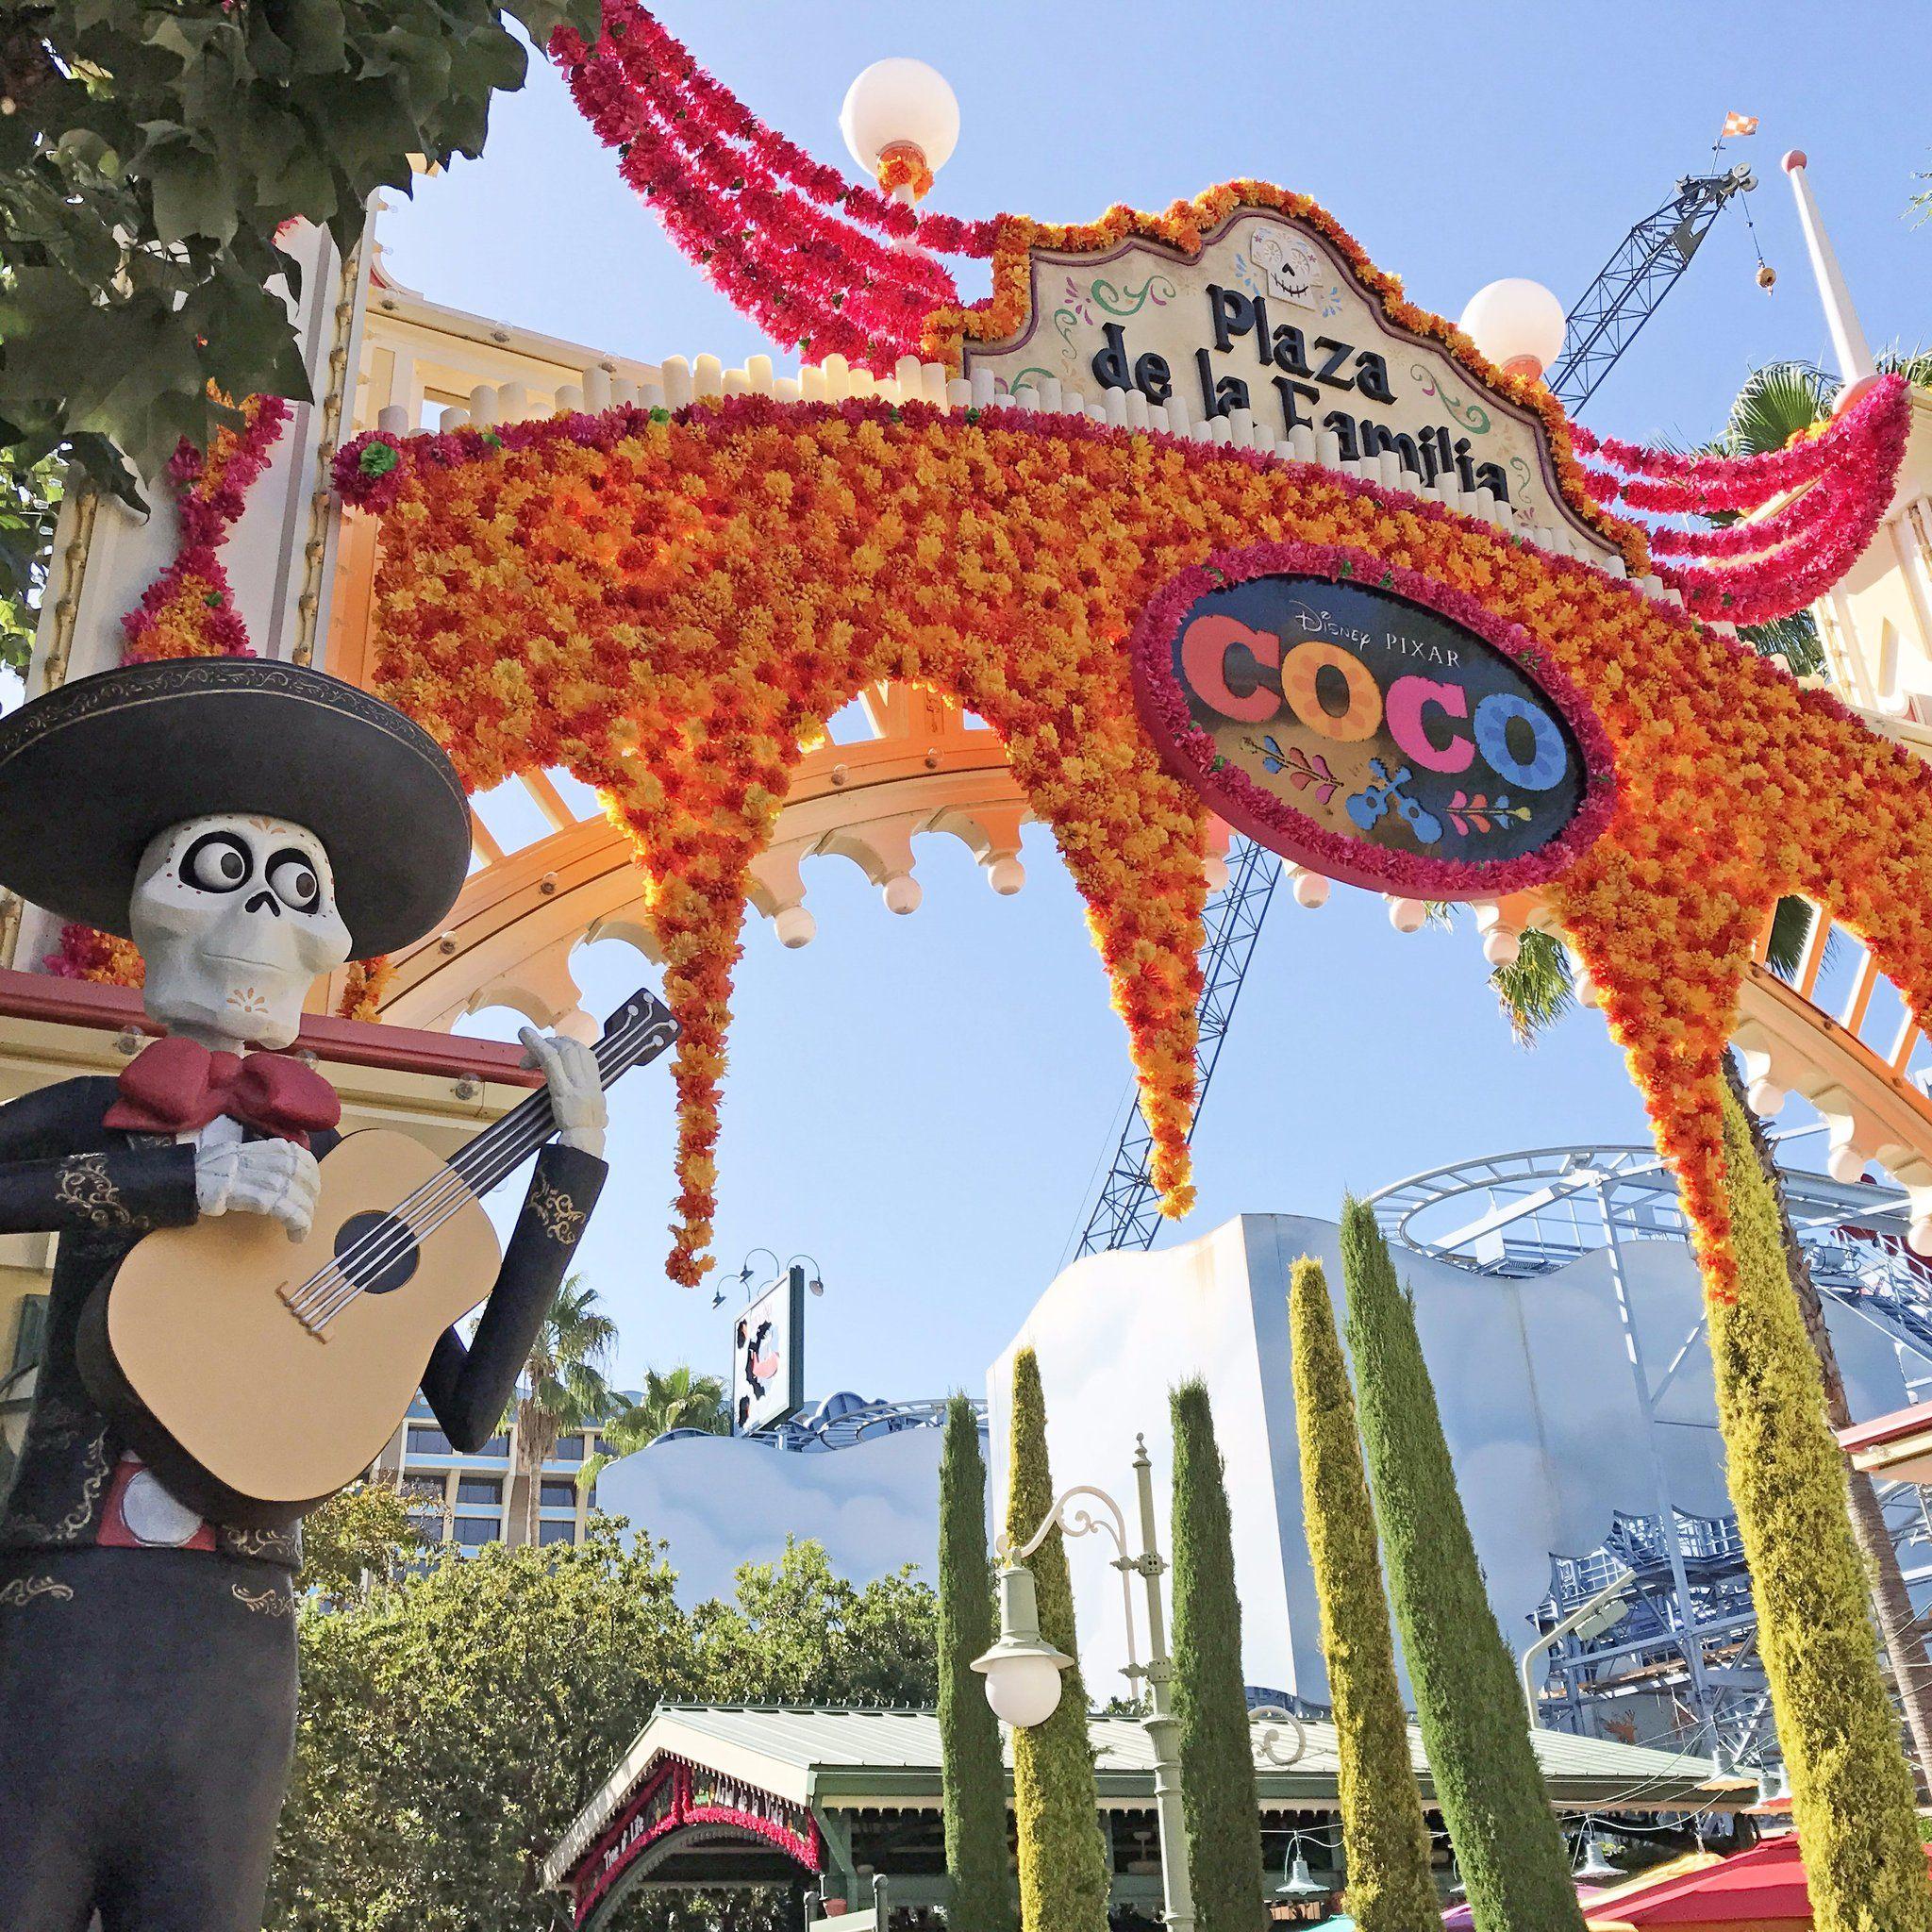 Coco Decorations Dia De Los Muretos With Images Fiesta Theme